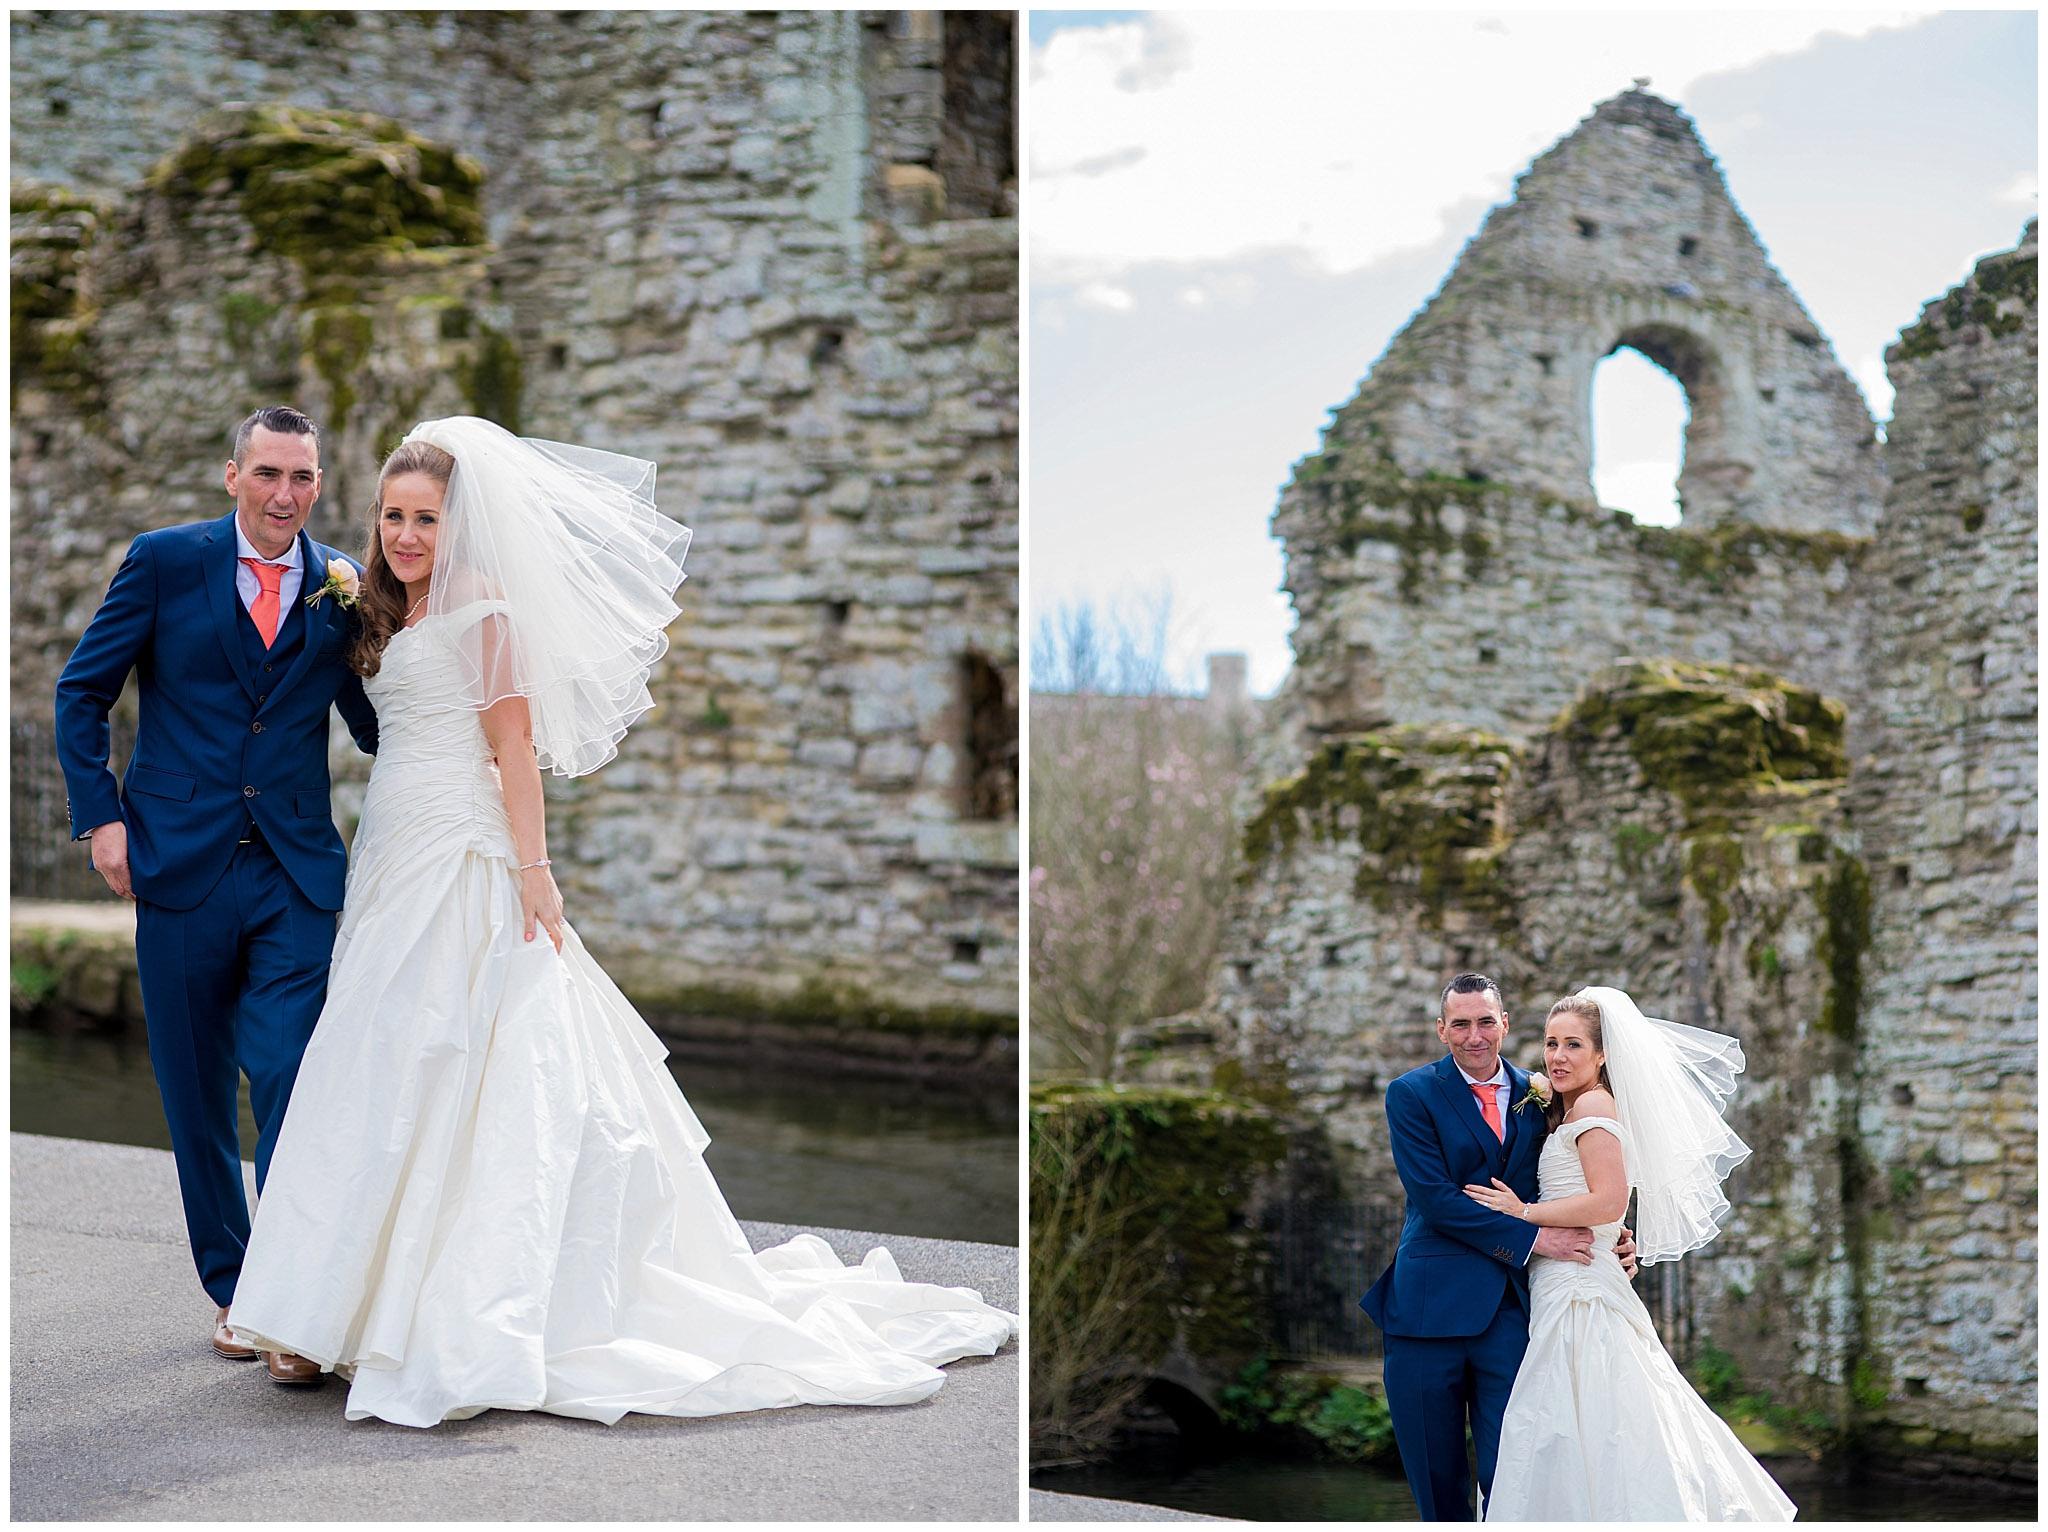 Katie-&-Steve-Victoria-Park-Methodist-Chruch-Winton-&-The-Manor-Burton-Christchurch-Wedding-32